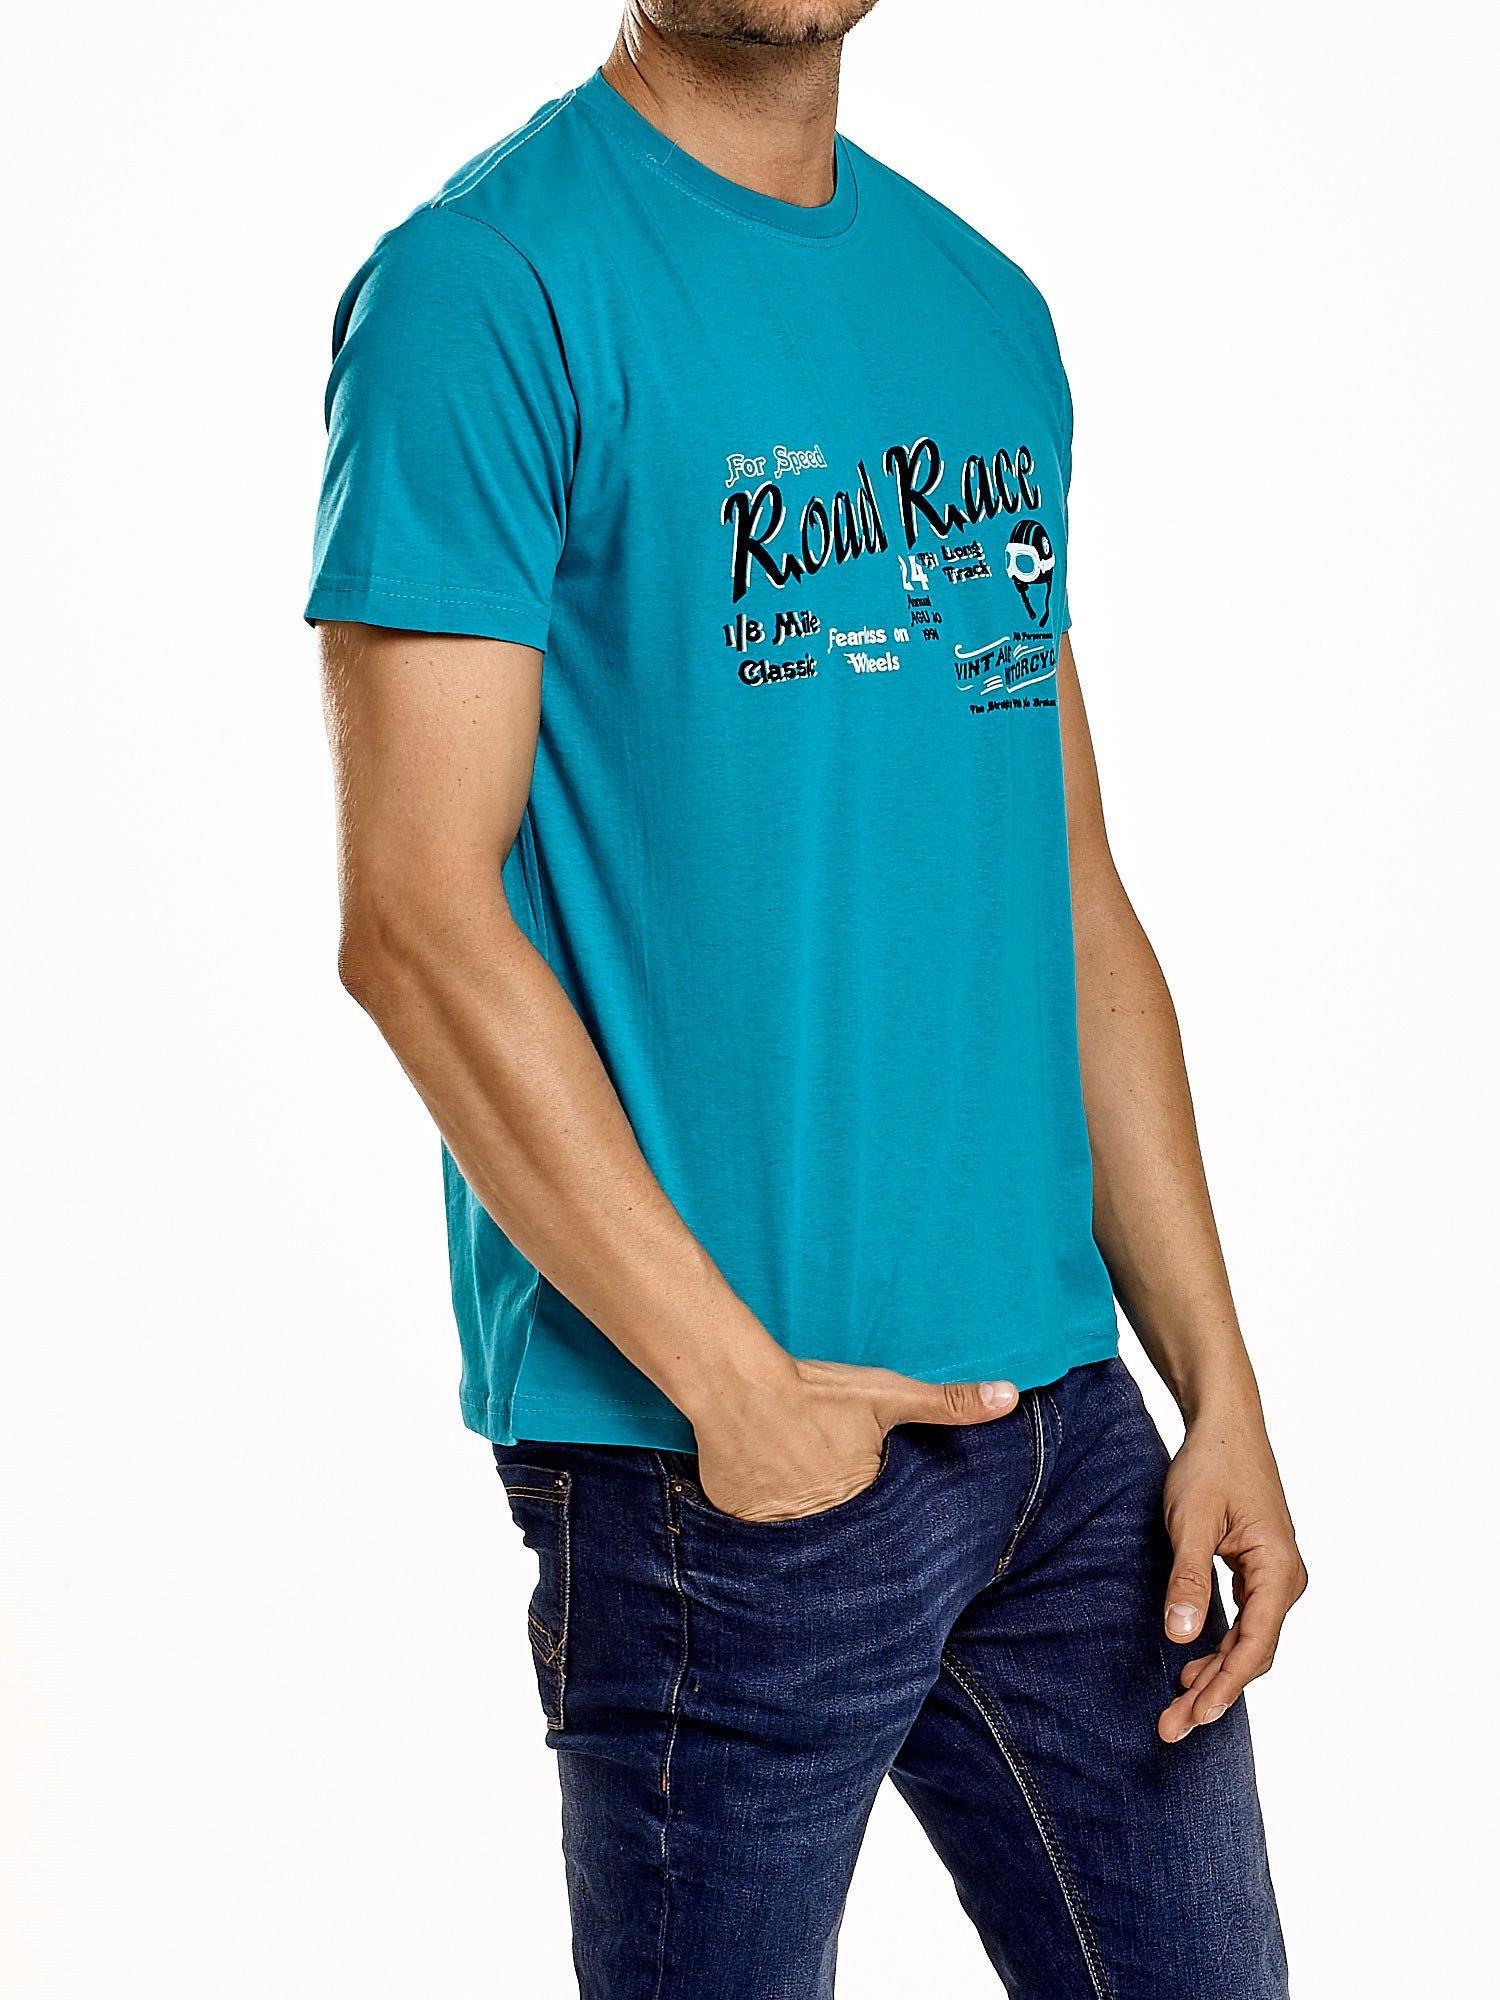 Zielony t-shirt męski z wyścigowym napisem ROAD RACE                                  zdj.                                  3